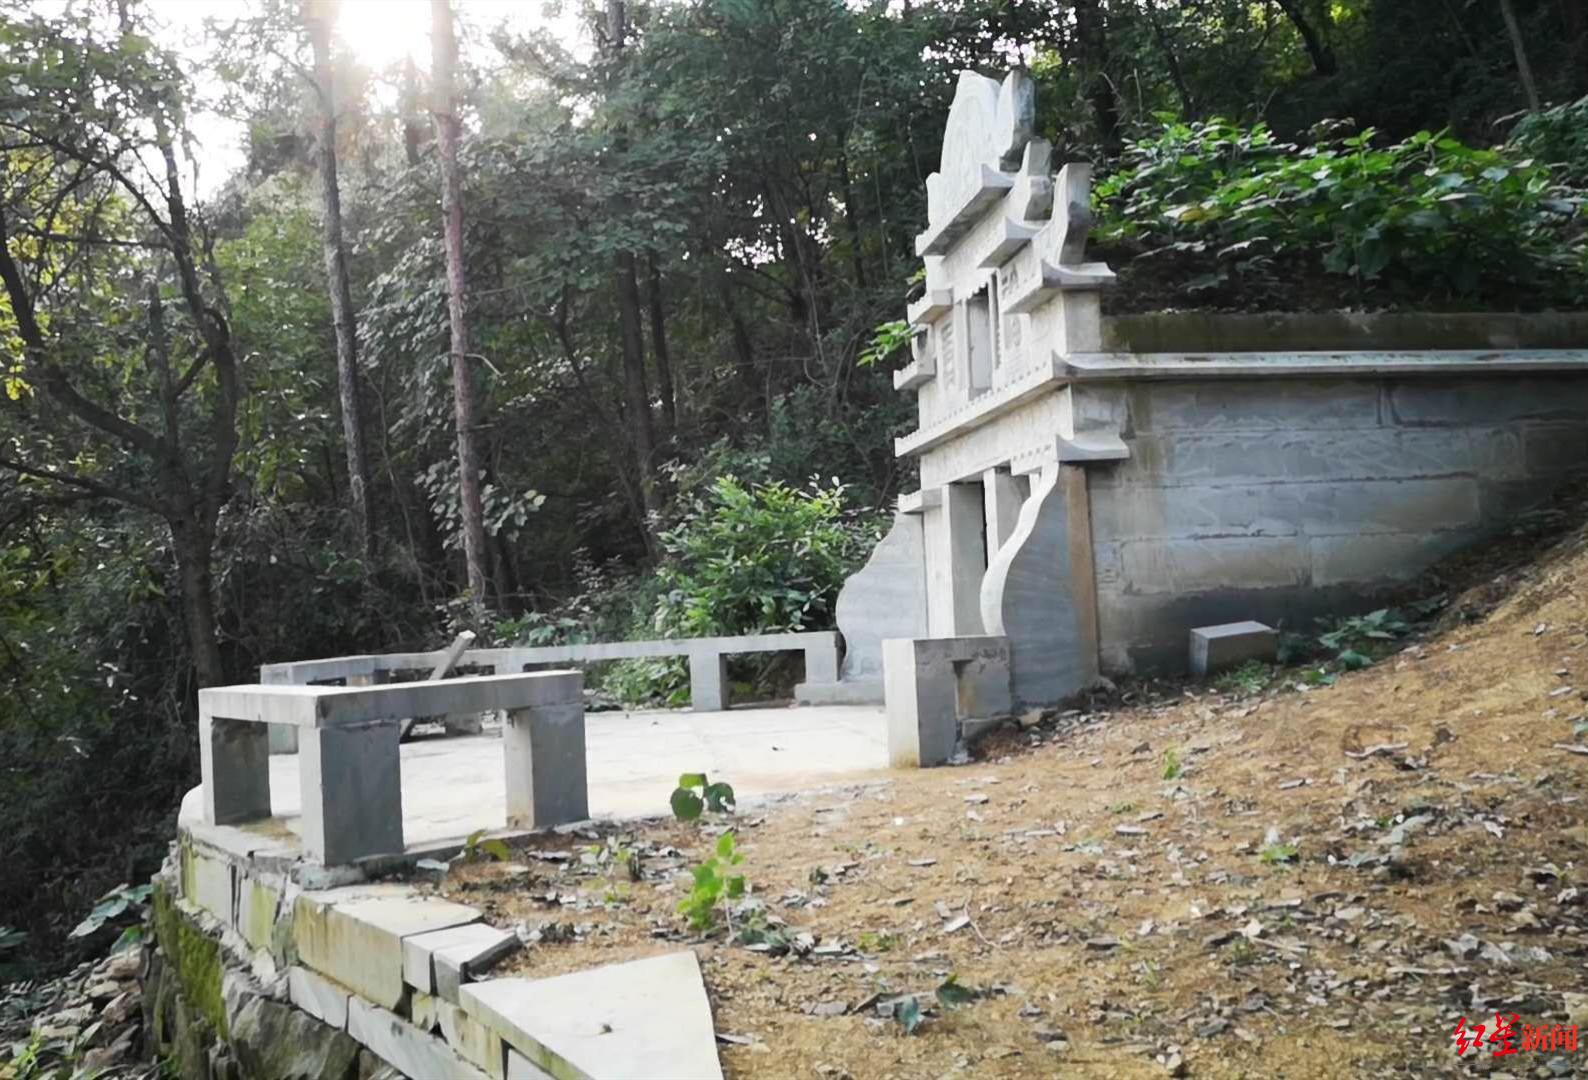 达州退休教师修建双人活人墓 相关部门:当事人已同意拆除